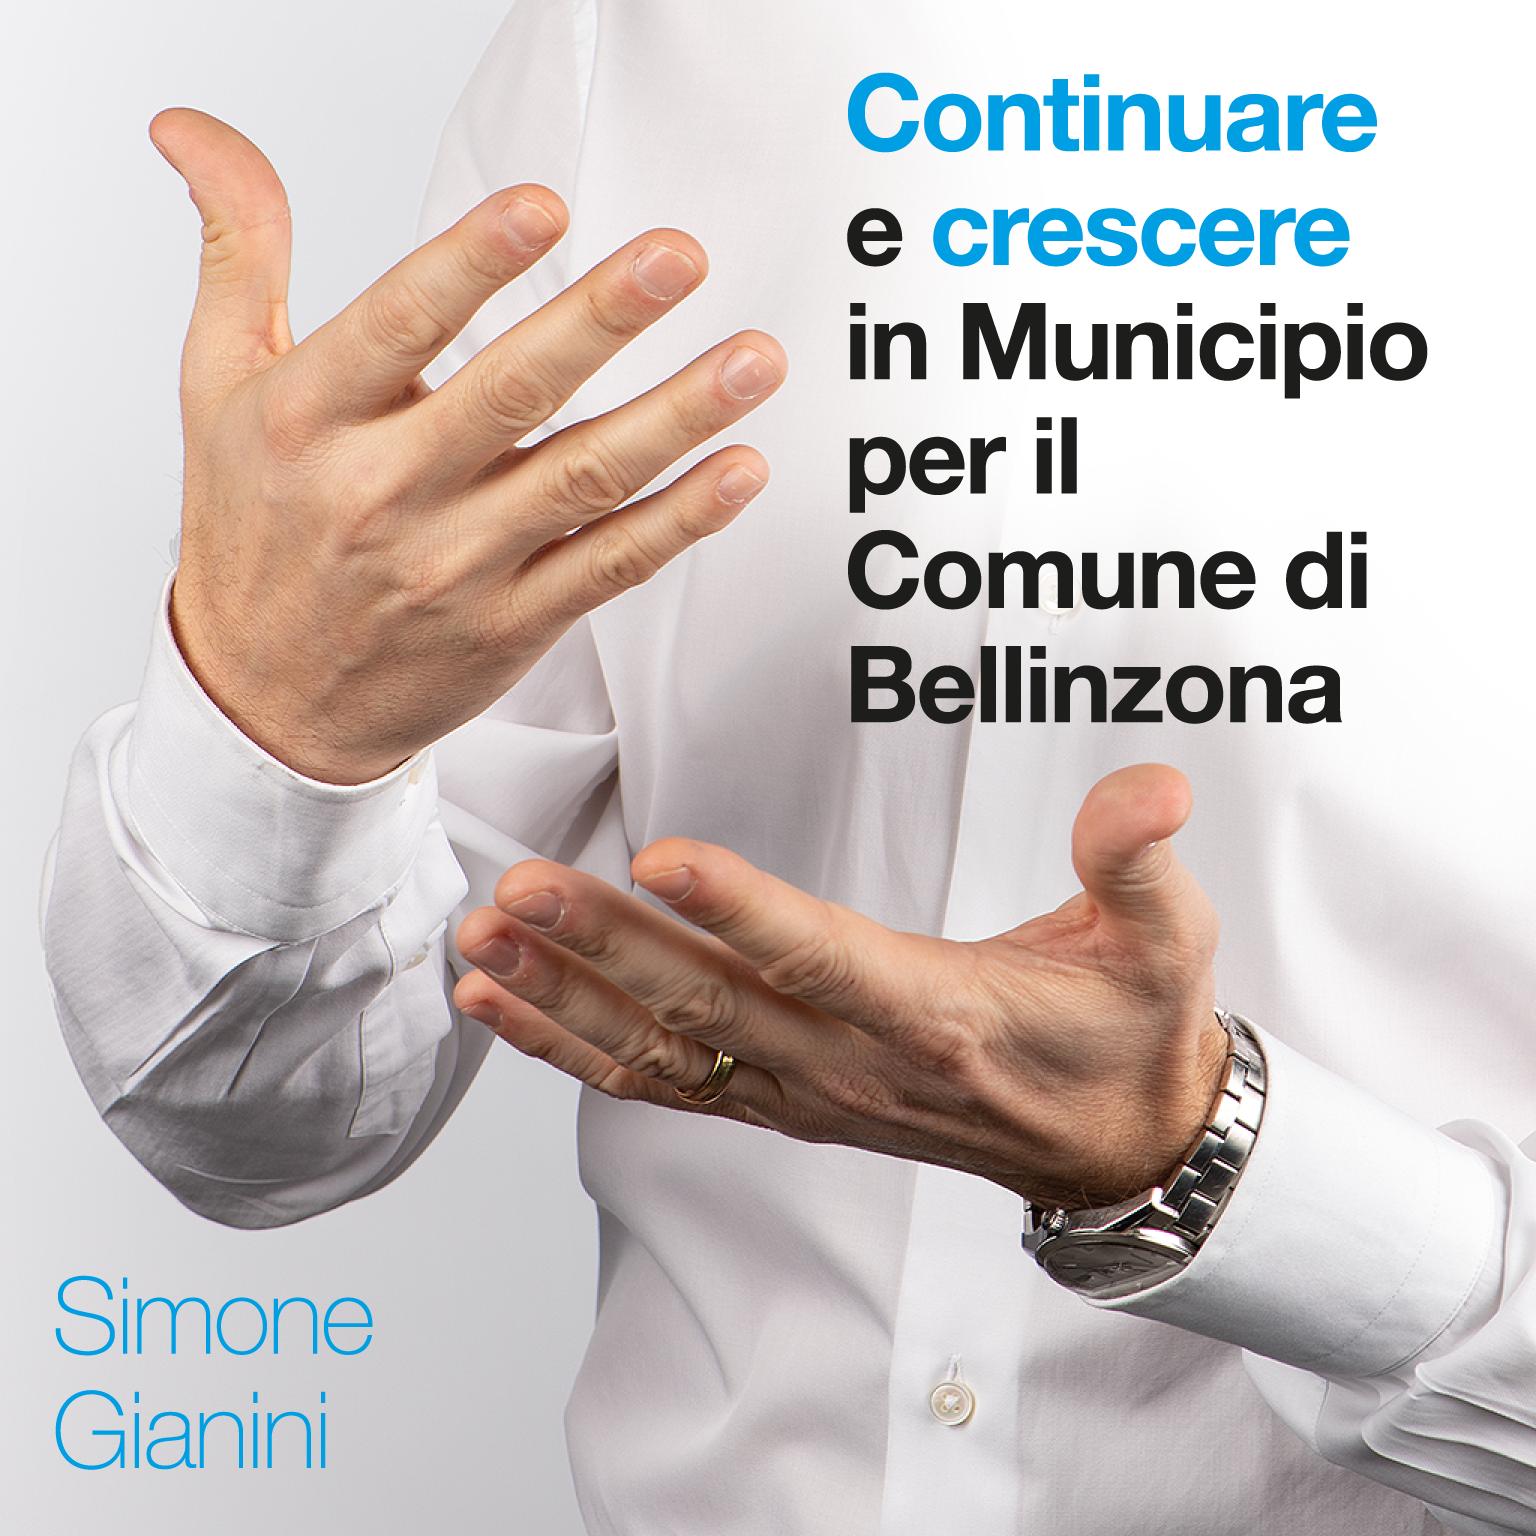 Le mie priorità per il Comune di Bellinzona